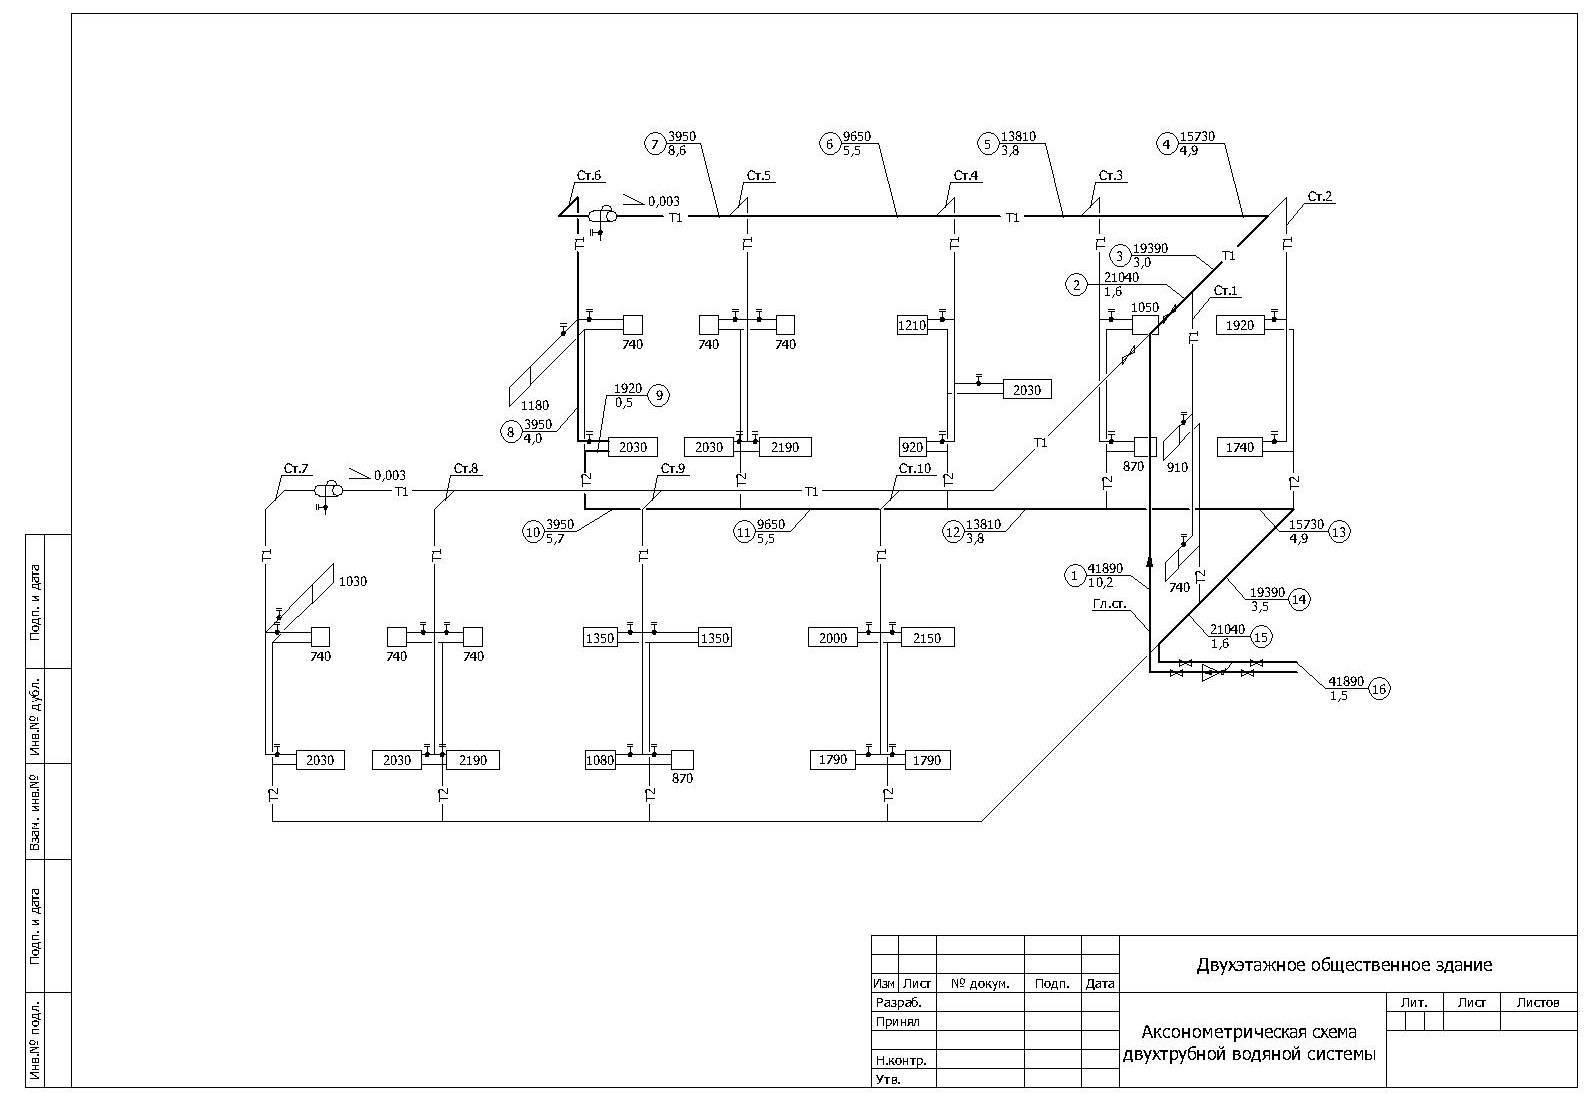 Гидравлический расчет отопления с учетом трубопровода